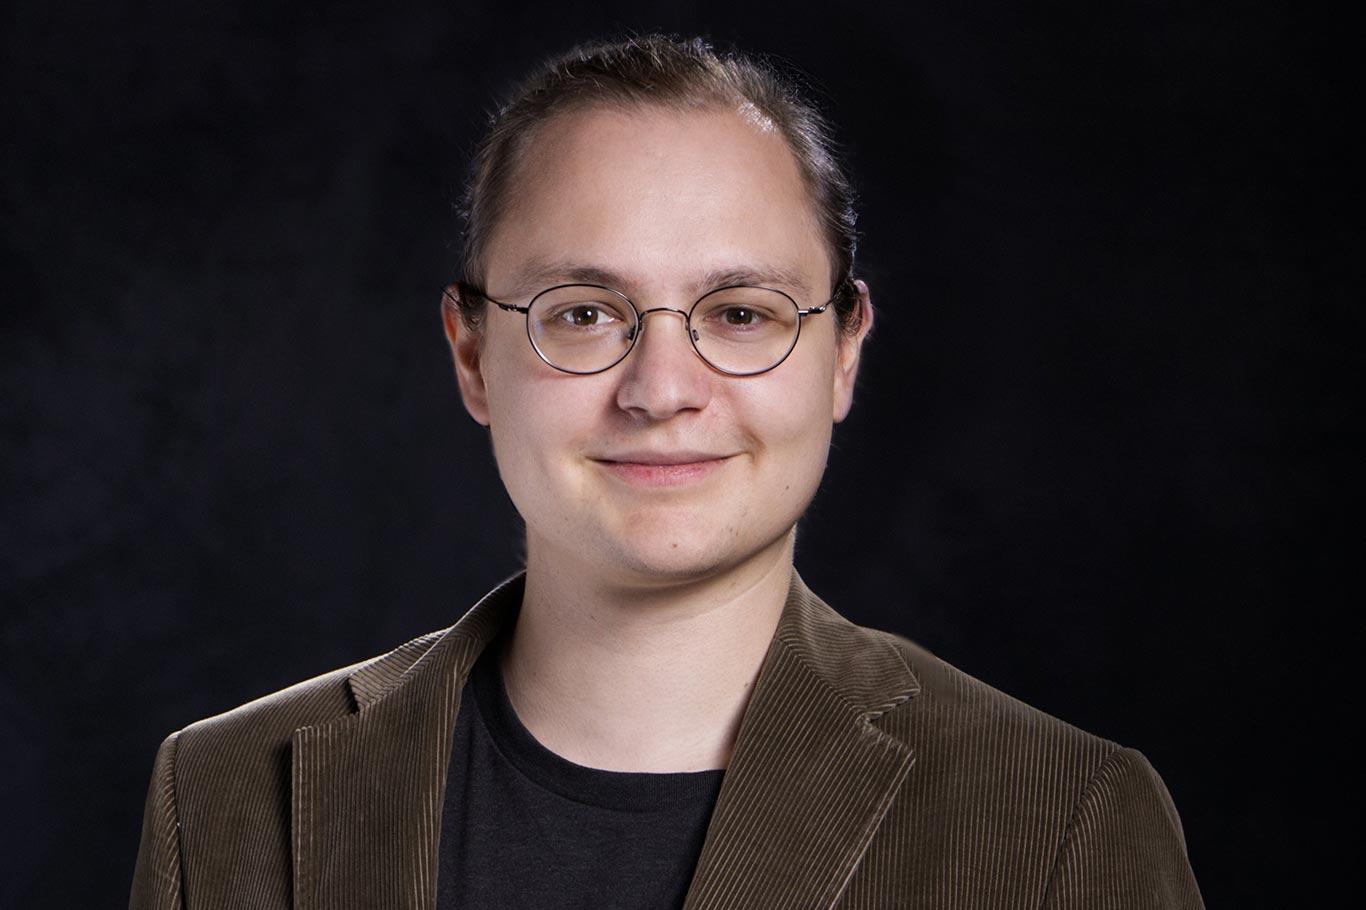 Fabian Widmann